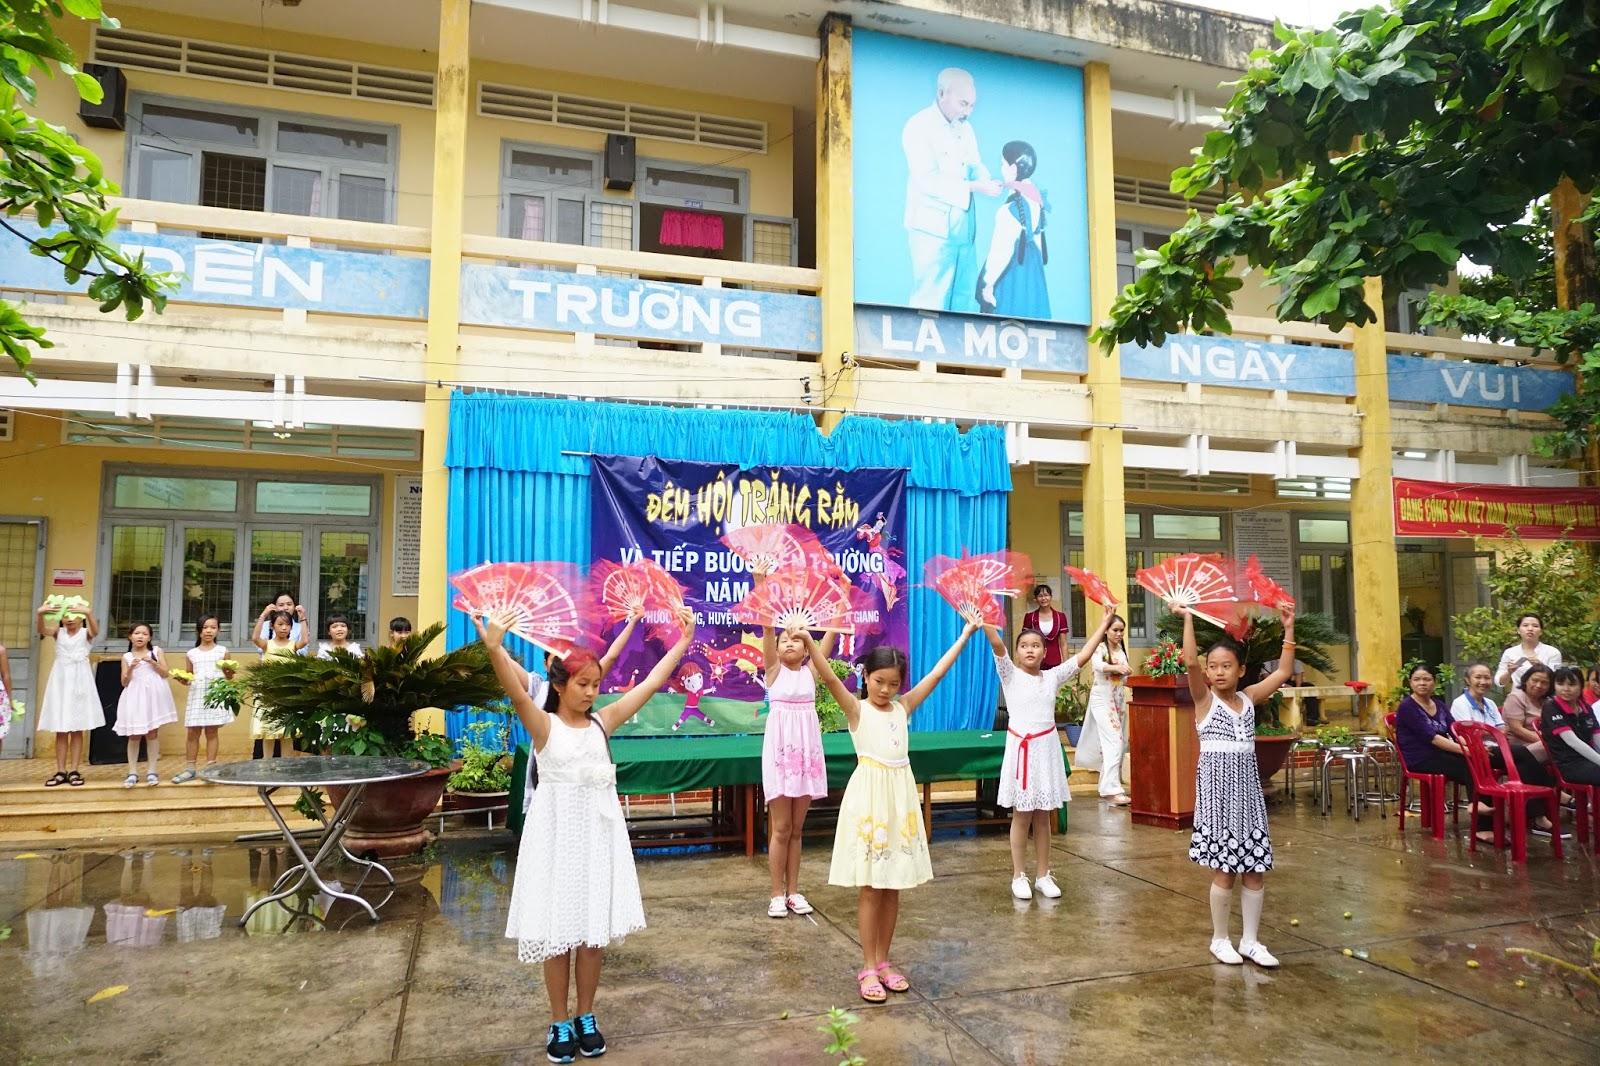 Bài múa trung thu trên nền nhạc của các em học sinh trường Phước Trung 2